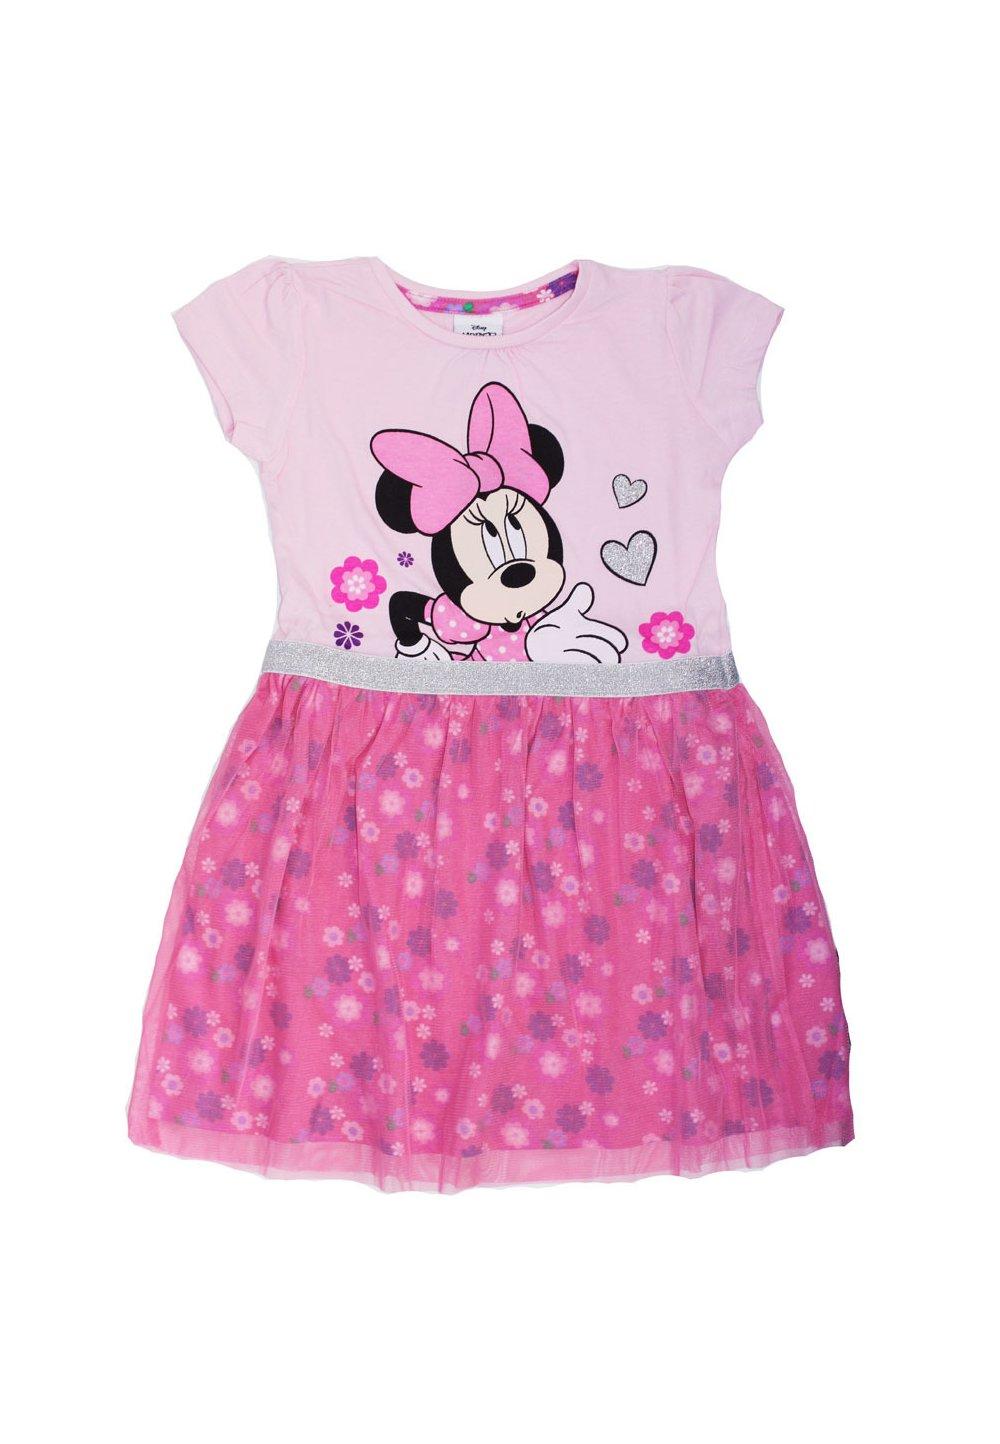 Rochie maneca scurta, roz cu floricele, Minnie imagine